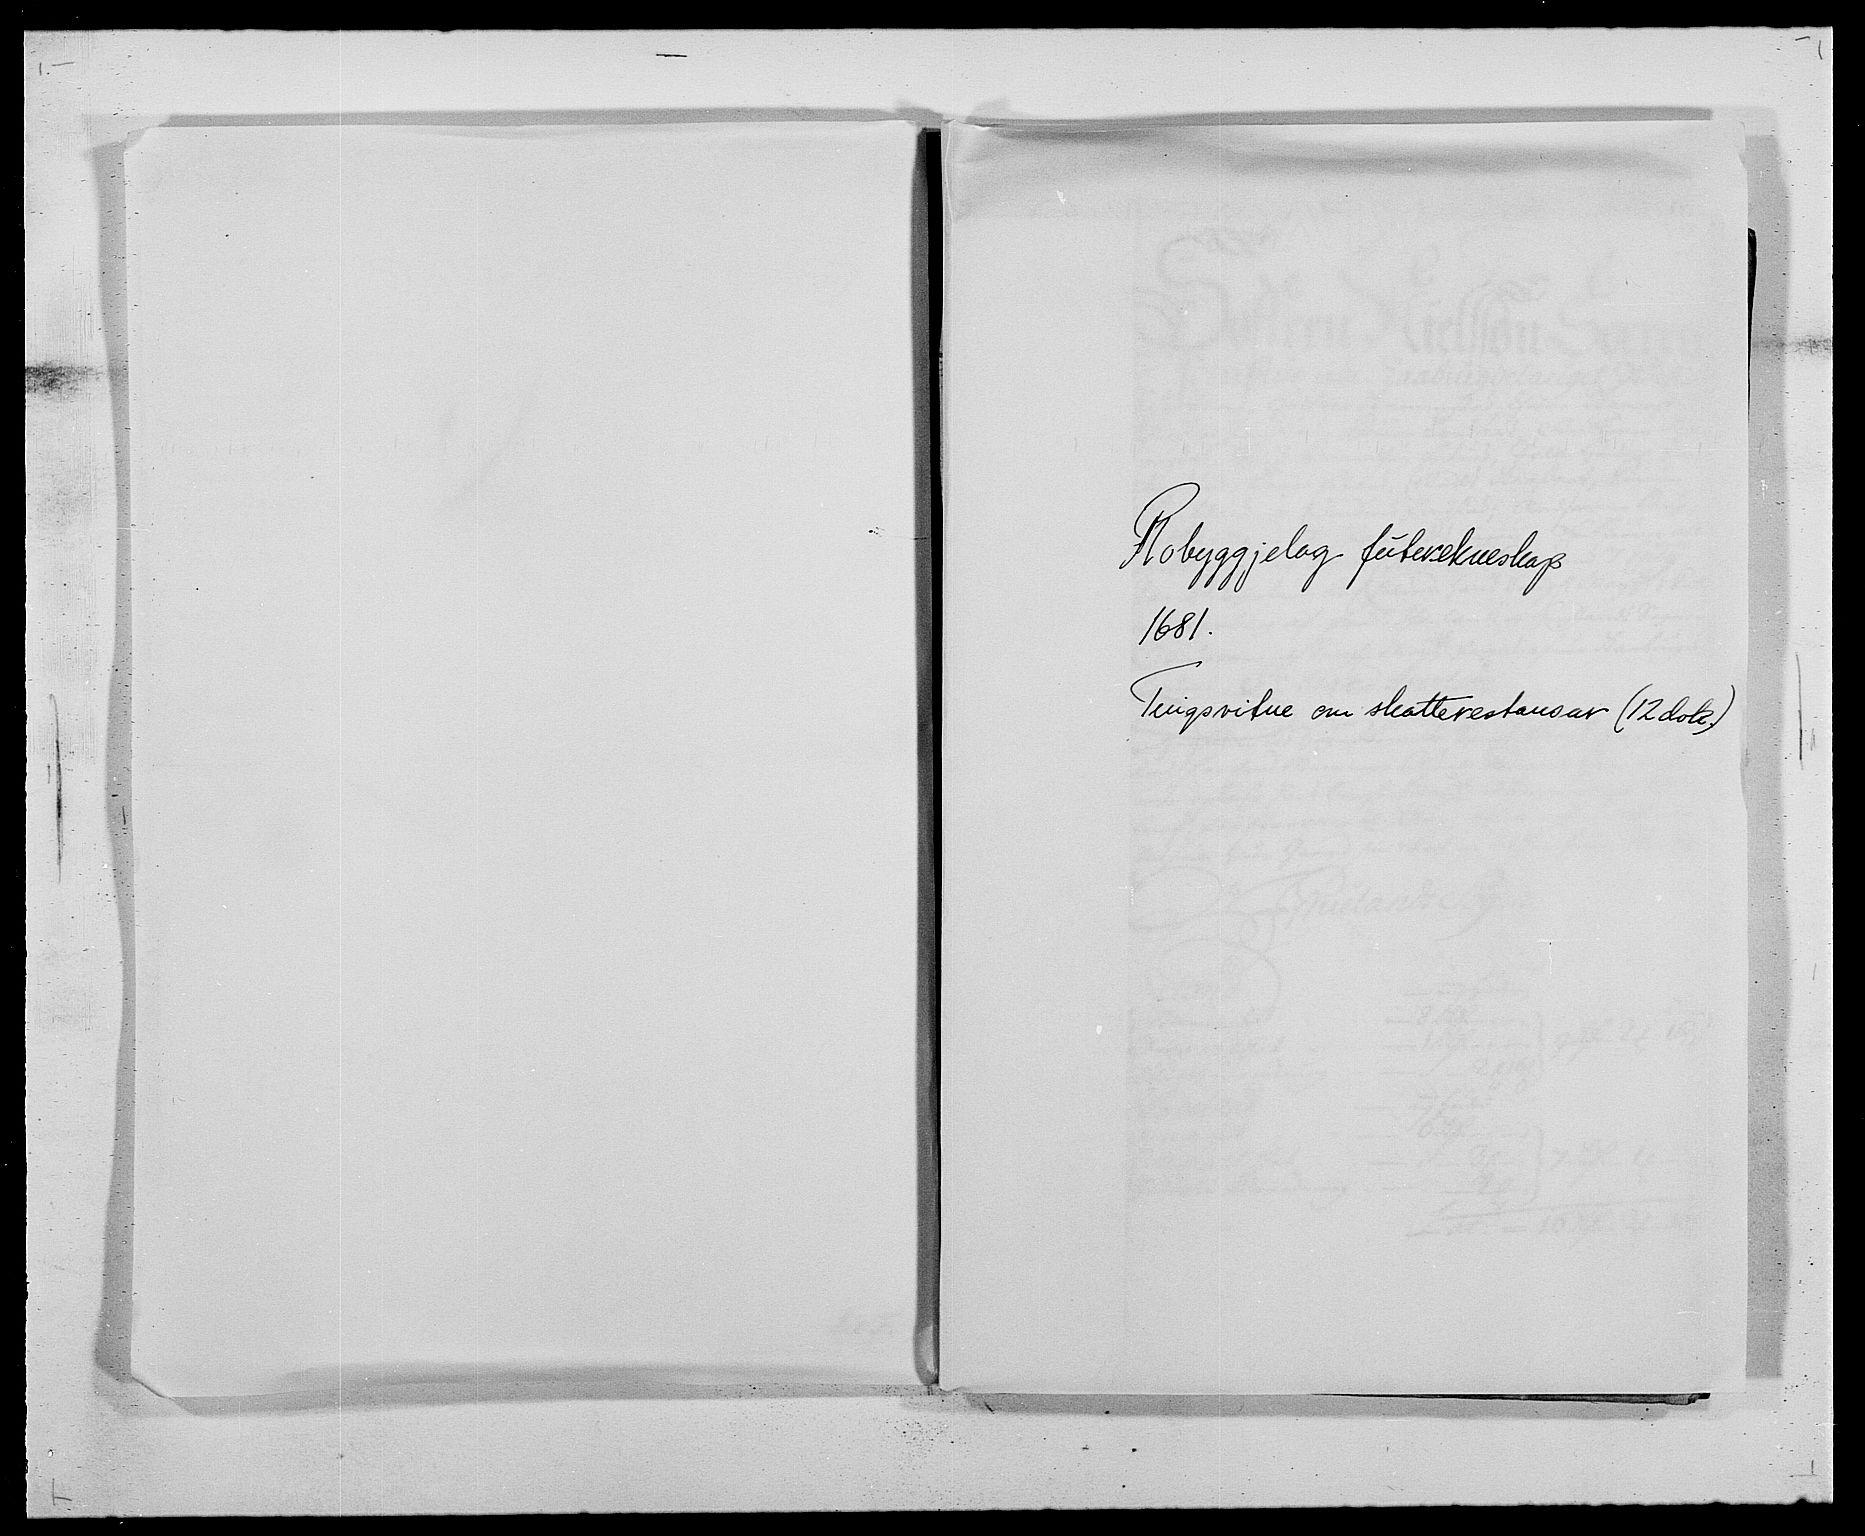 RA, Rentekammeret inntil 1814, Reviderte regnskaper, Fogderegnskap, R40/L2437: Fogderegnskap Råbyggelag, 1681, s. 111